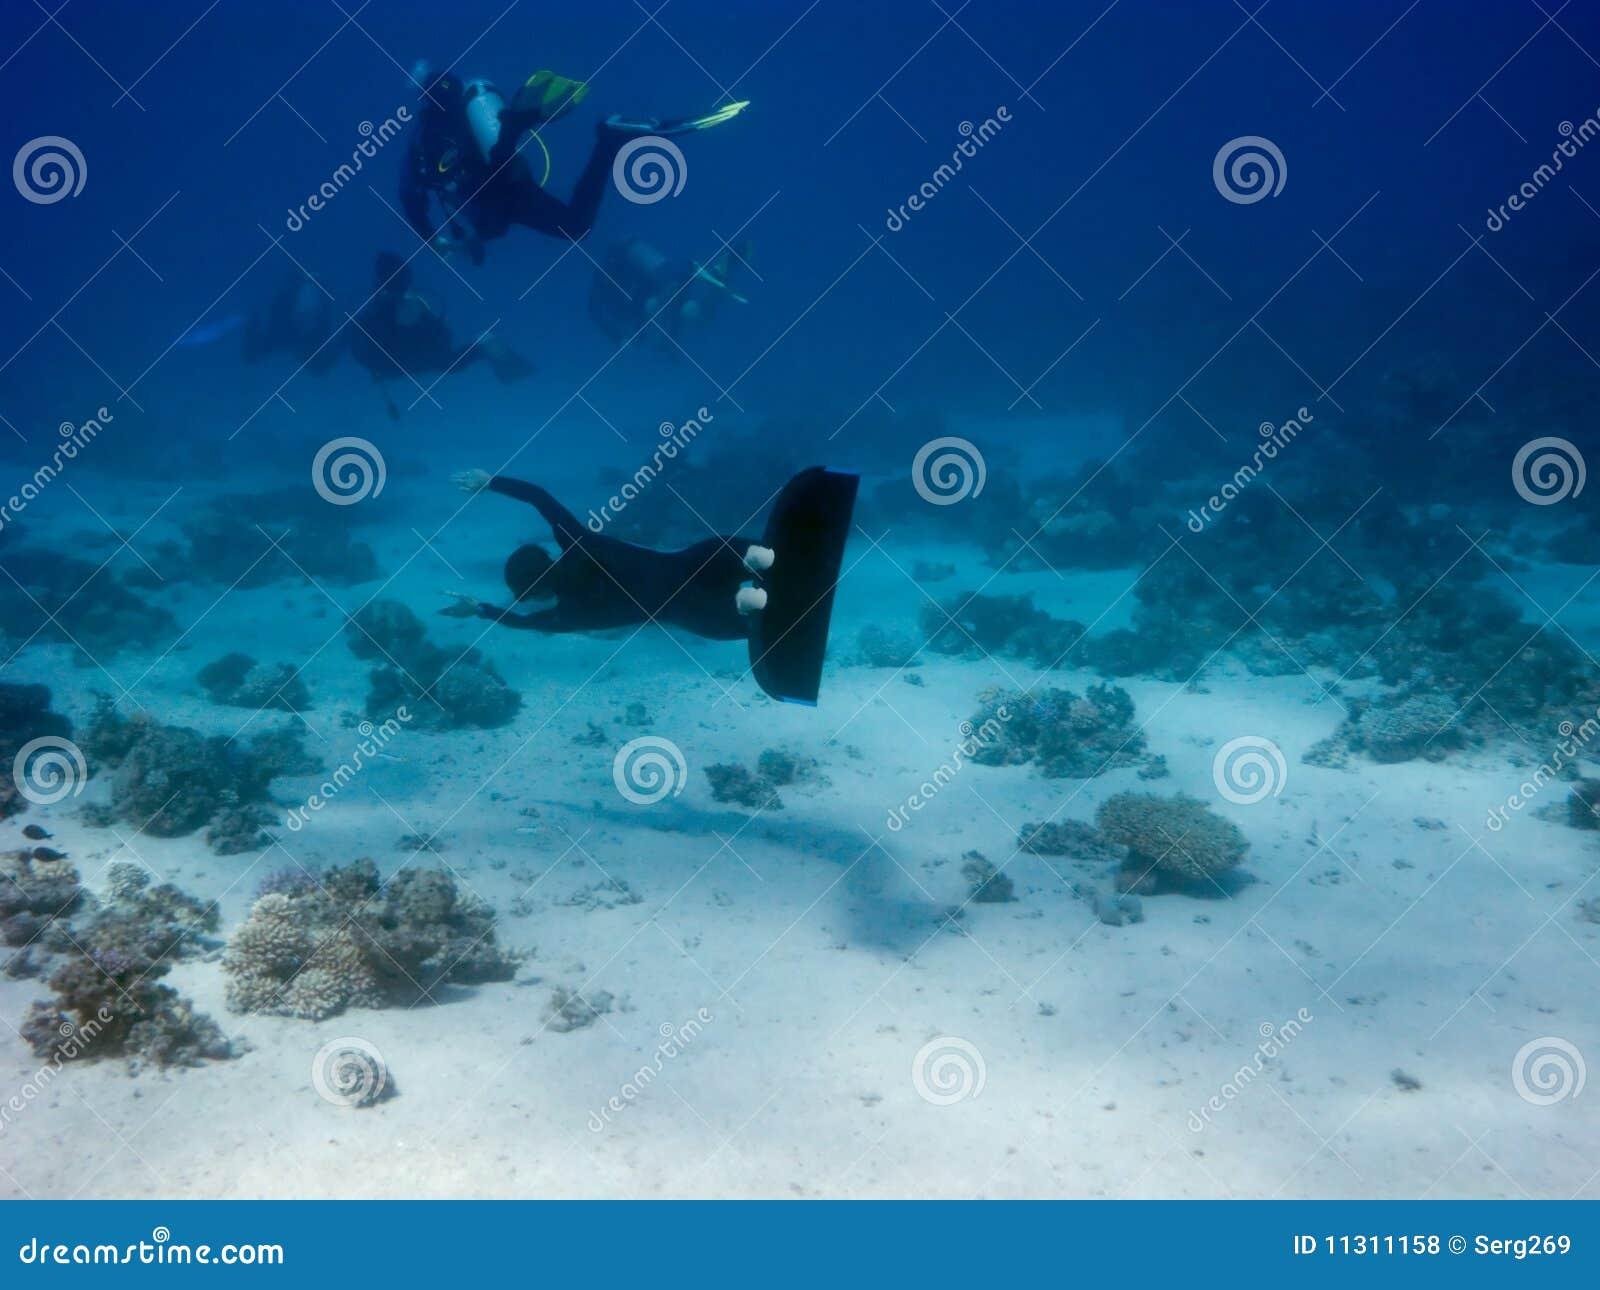 Das freediver versucht, einen Taucher durch Flosse abzufangen